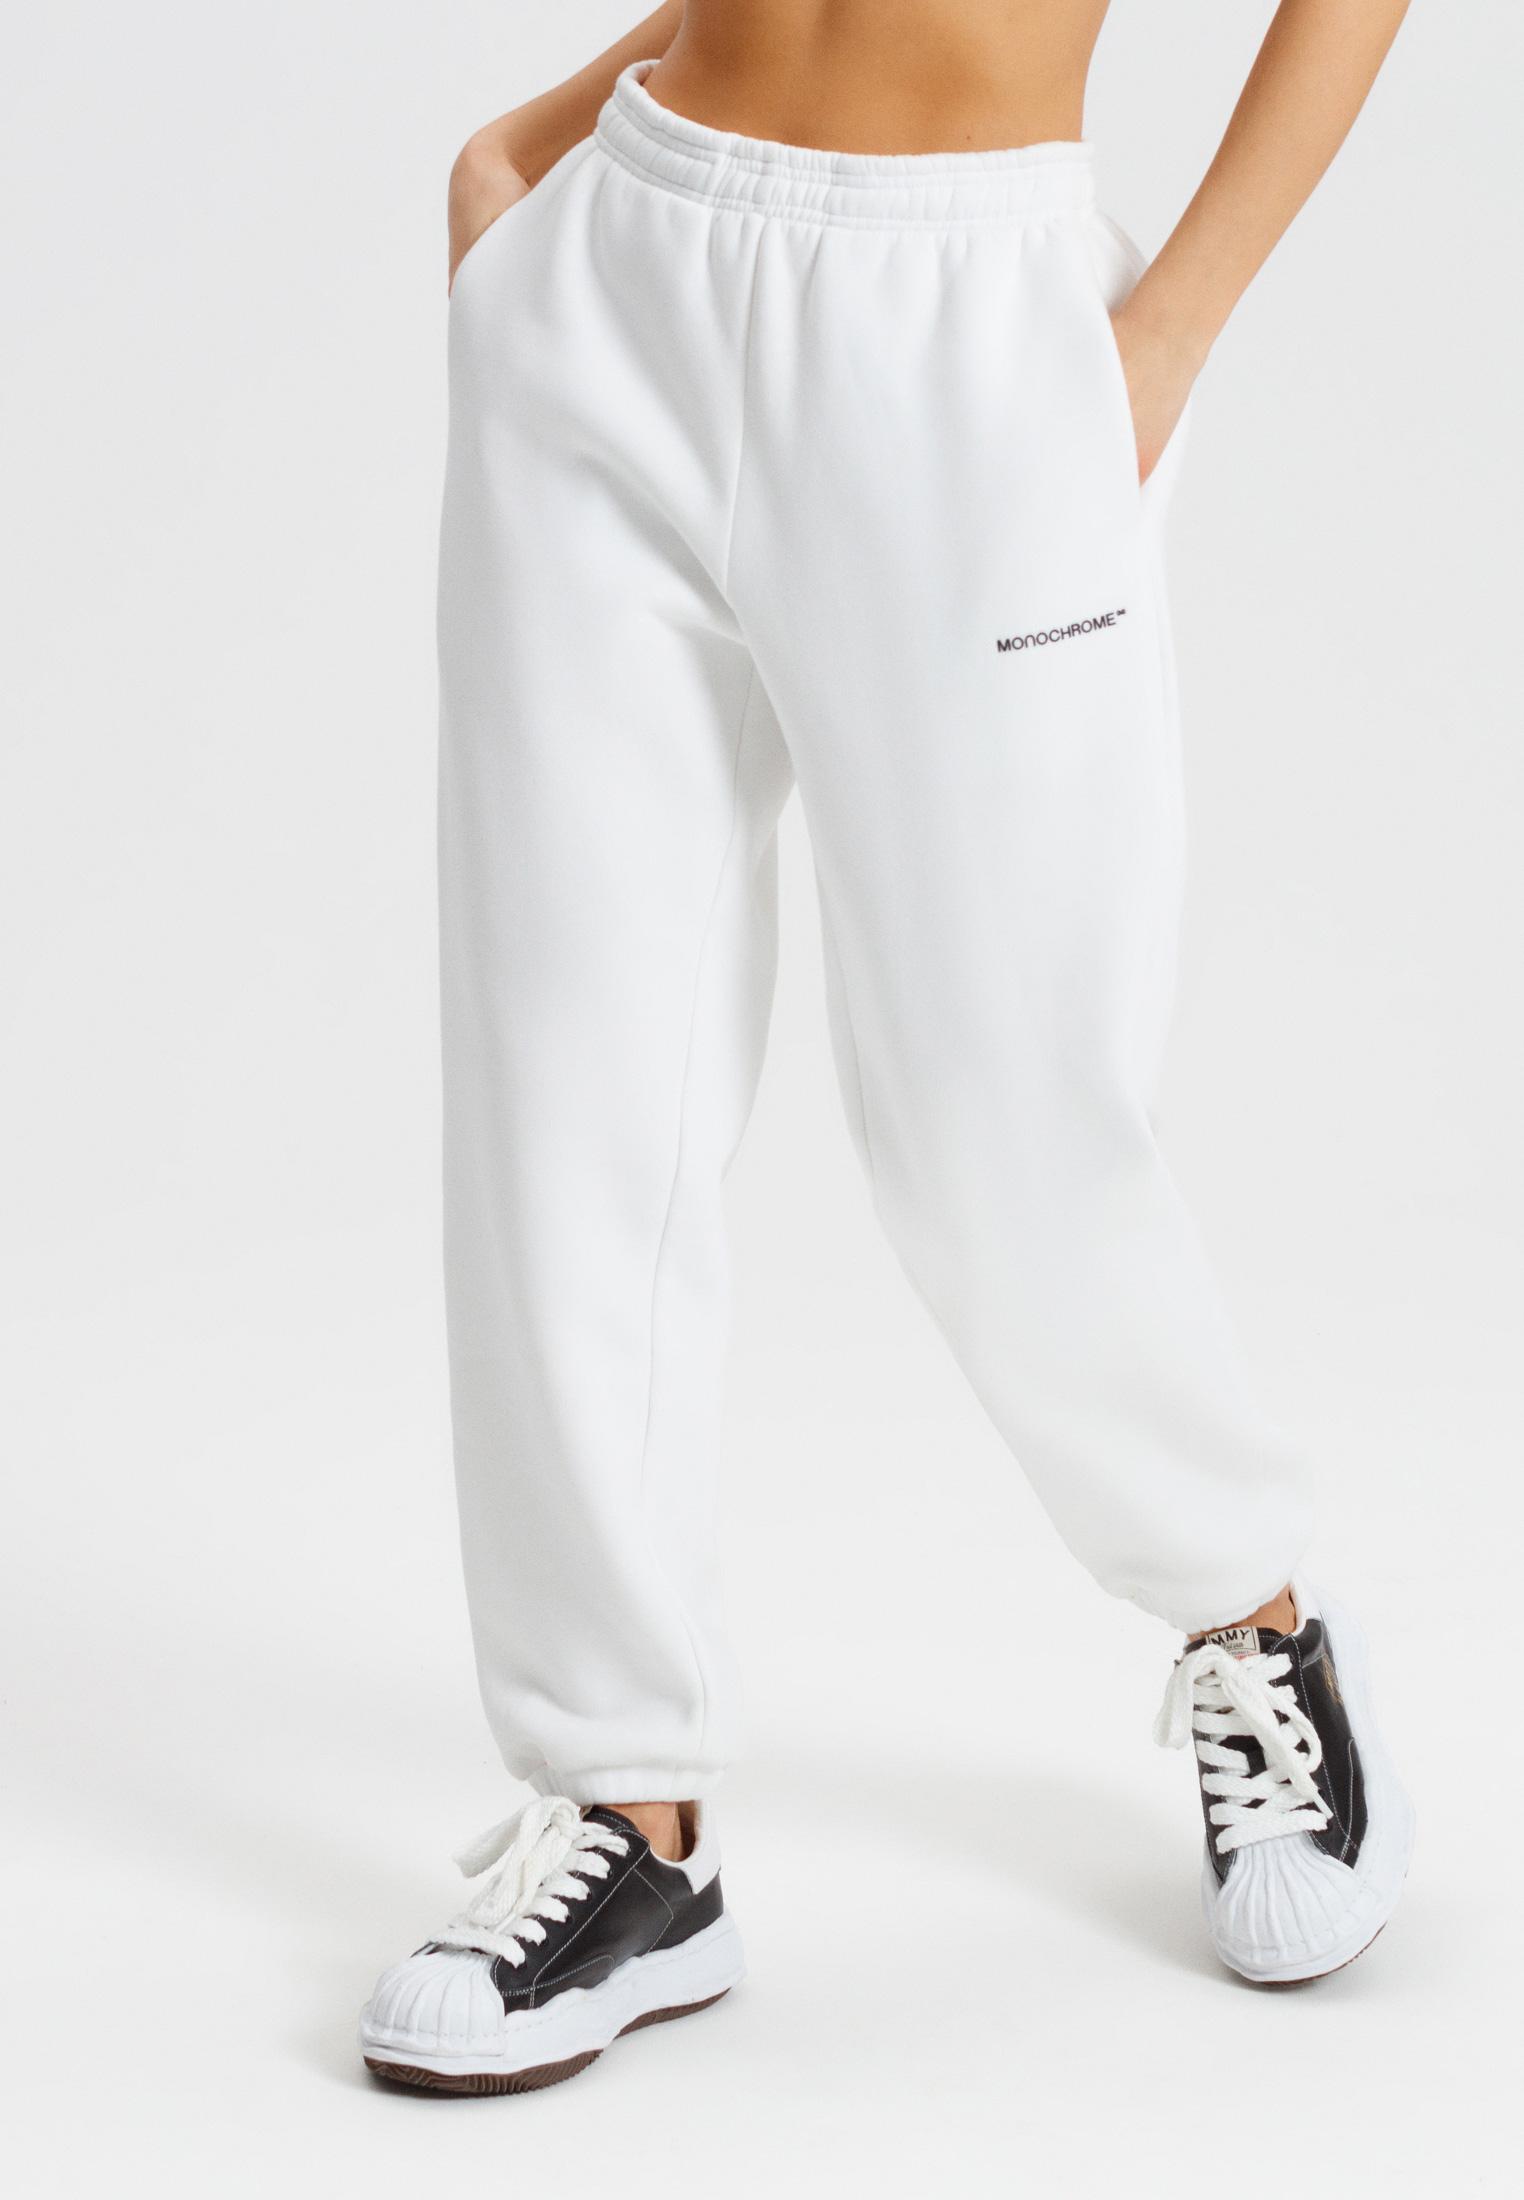 Женские спортивные брюки Monochrome M019-FLC-PNTS-CLD